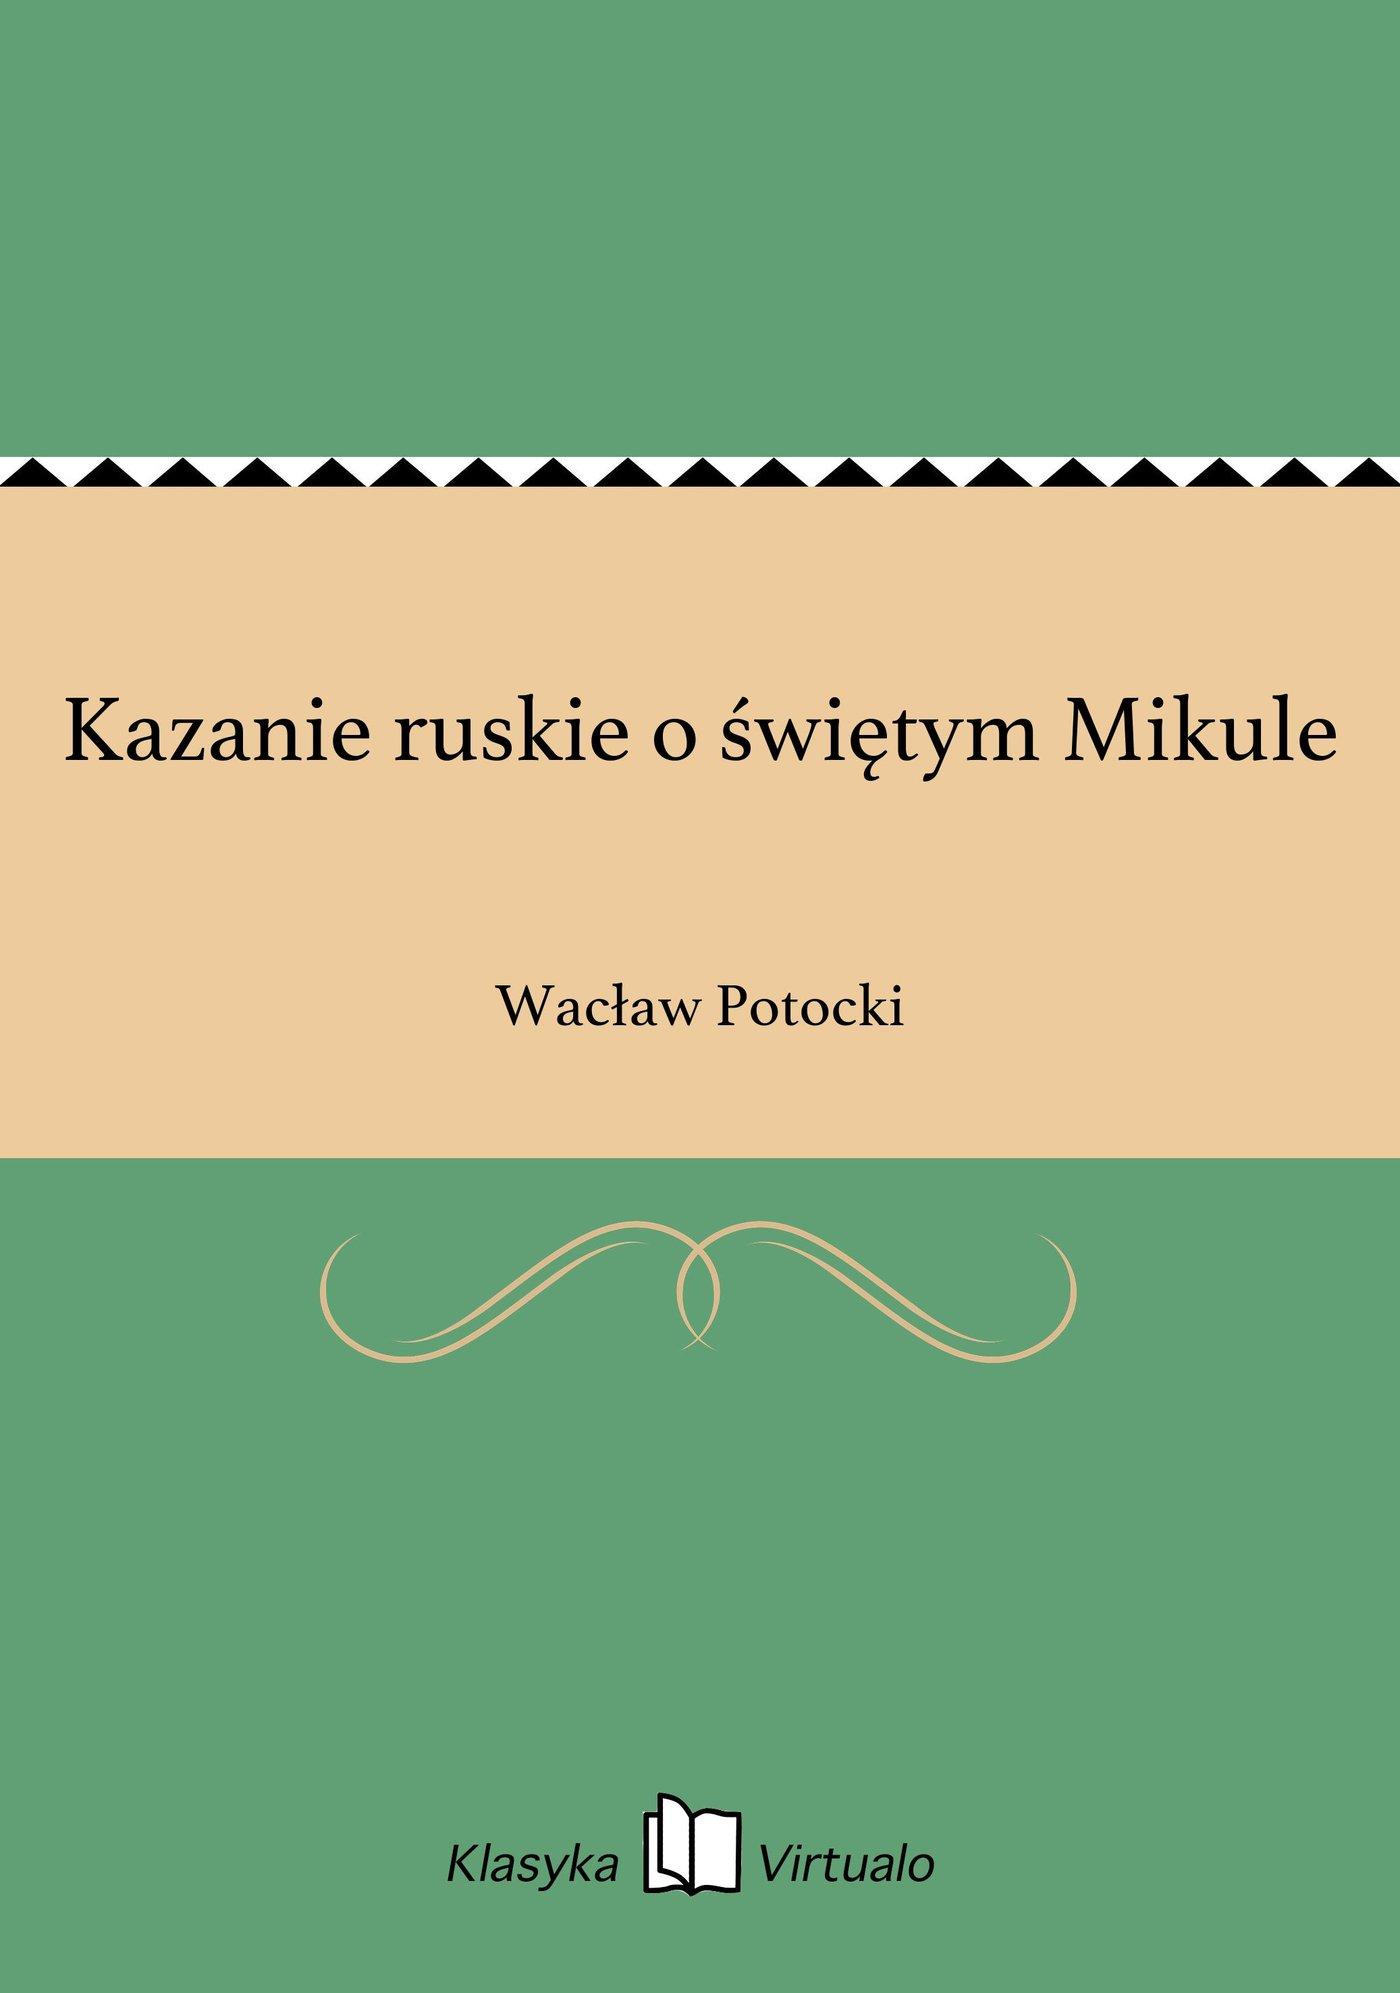 Kazanie ruskie o świętym Mikule - Ebook (Książka EPUB) do pobrania w formacie EPUB